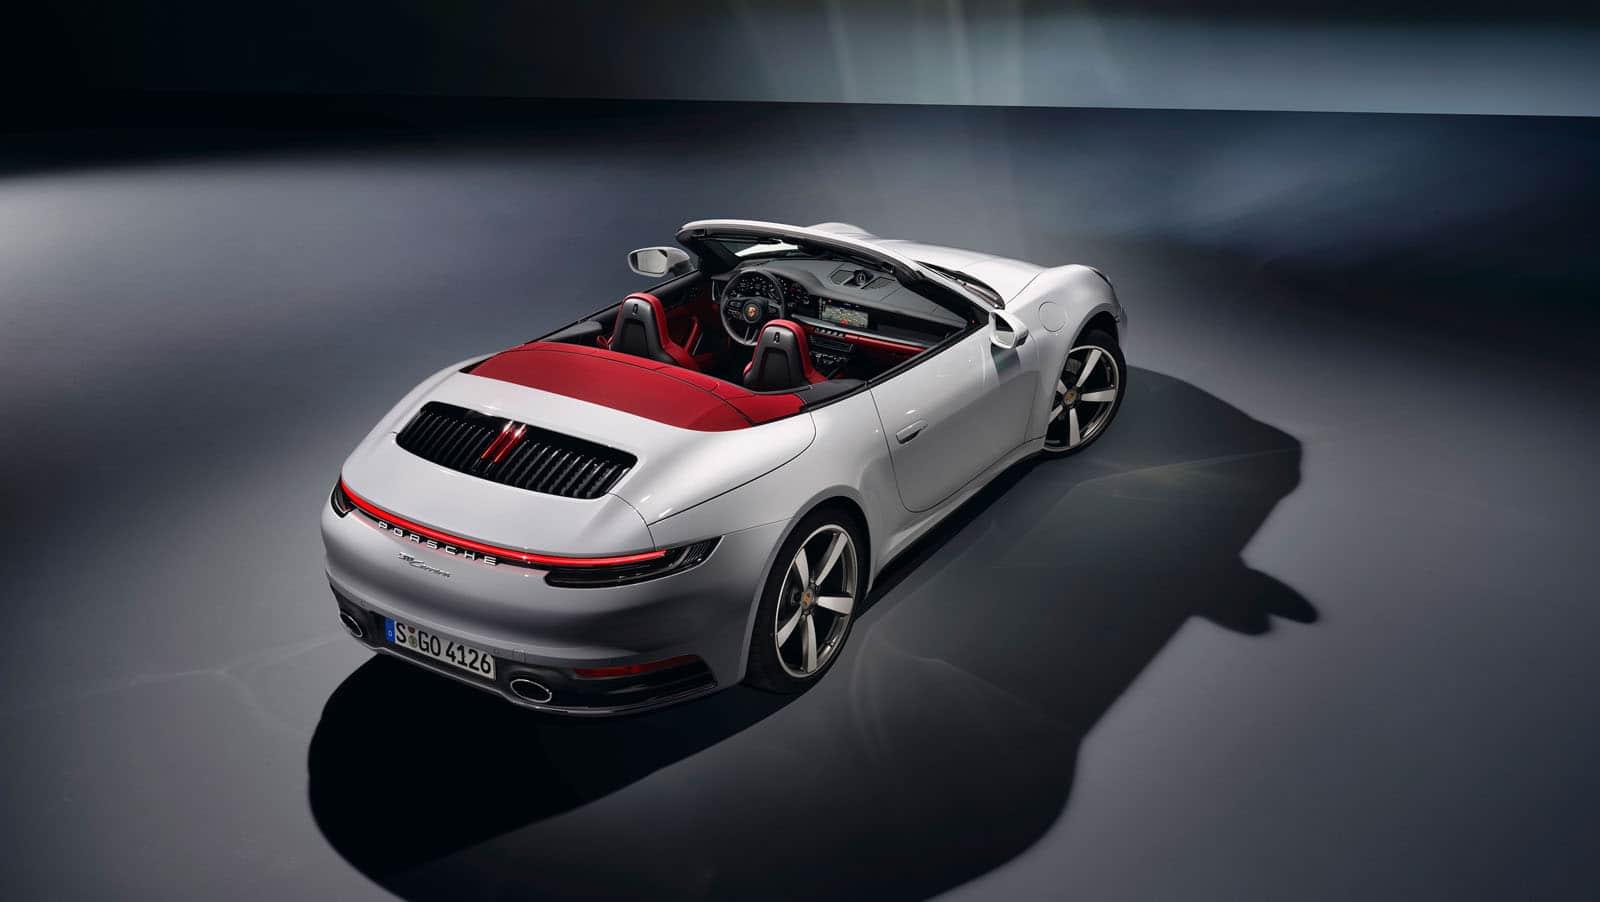 New Porsche 911 Carrera Coupé and Carrera Cabriolet